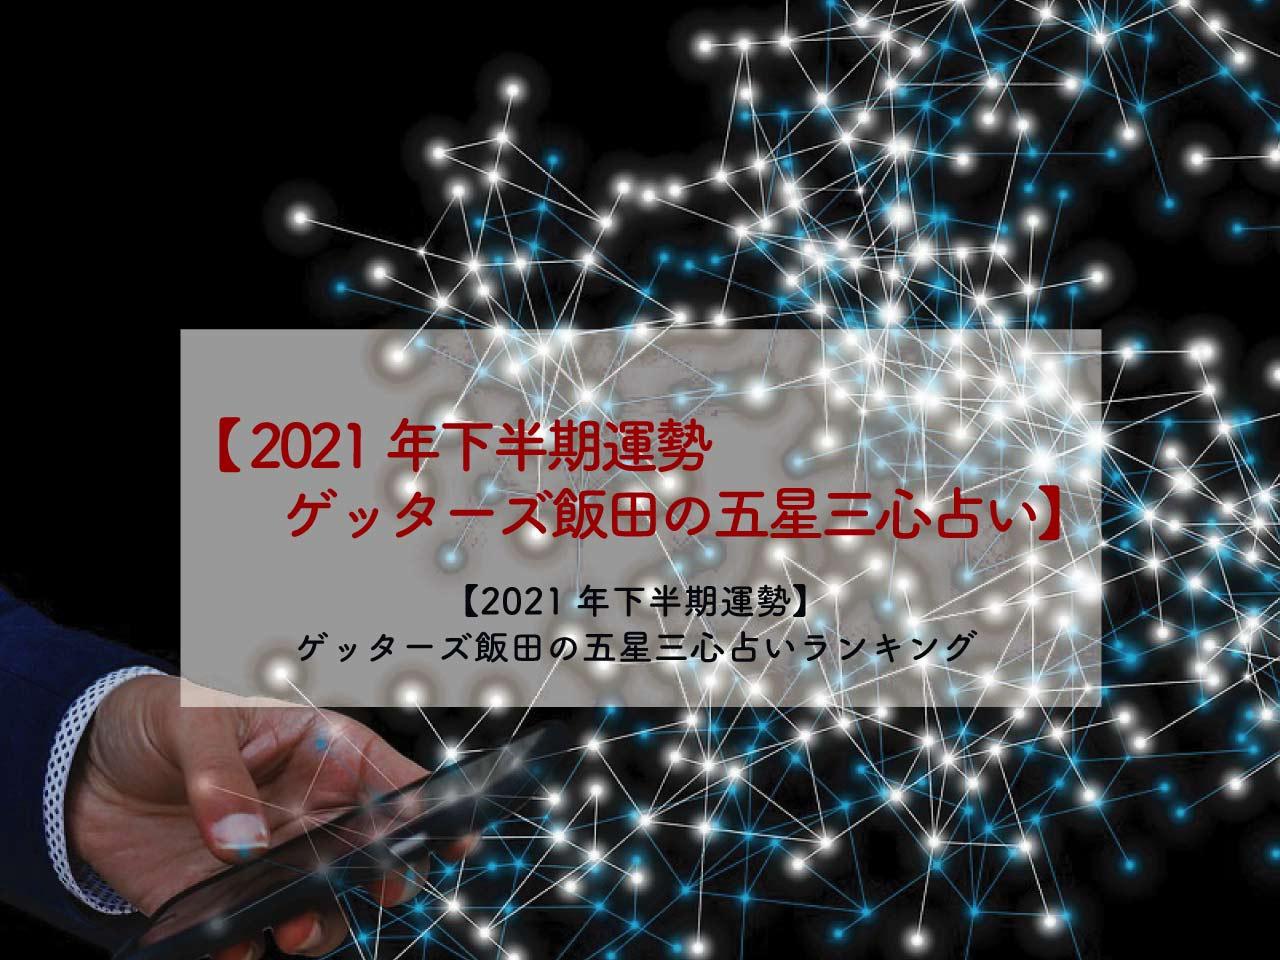 【2021年下半期運勢】ゲッターズ飯田の五星三心占いランキング【開運キーワード】